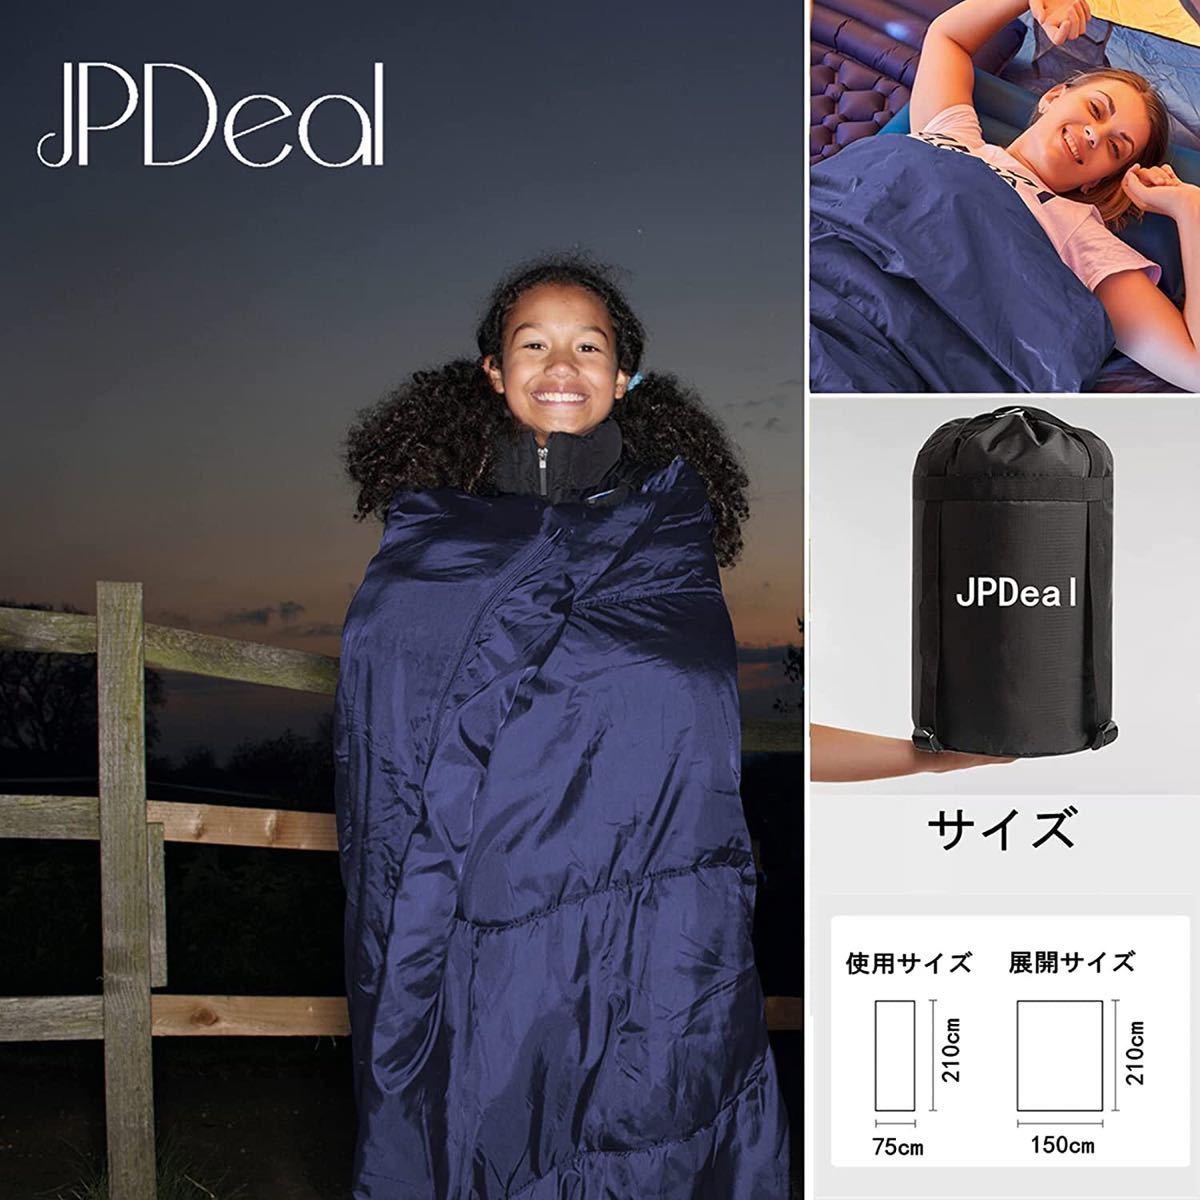 寝袋 シュラフ シュラフカバー スリーピングバッグ 封筒型 210T防水